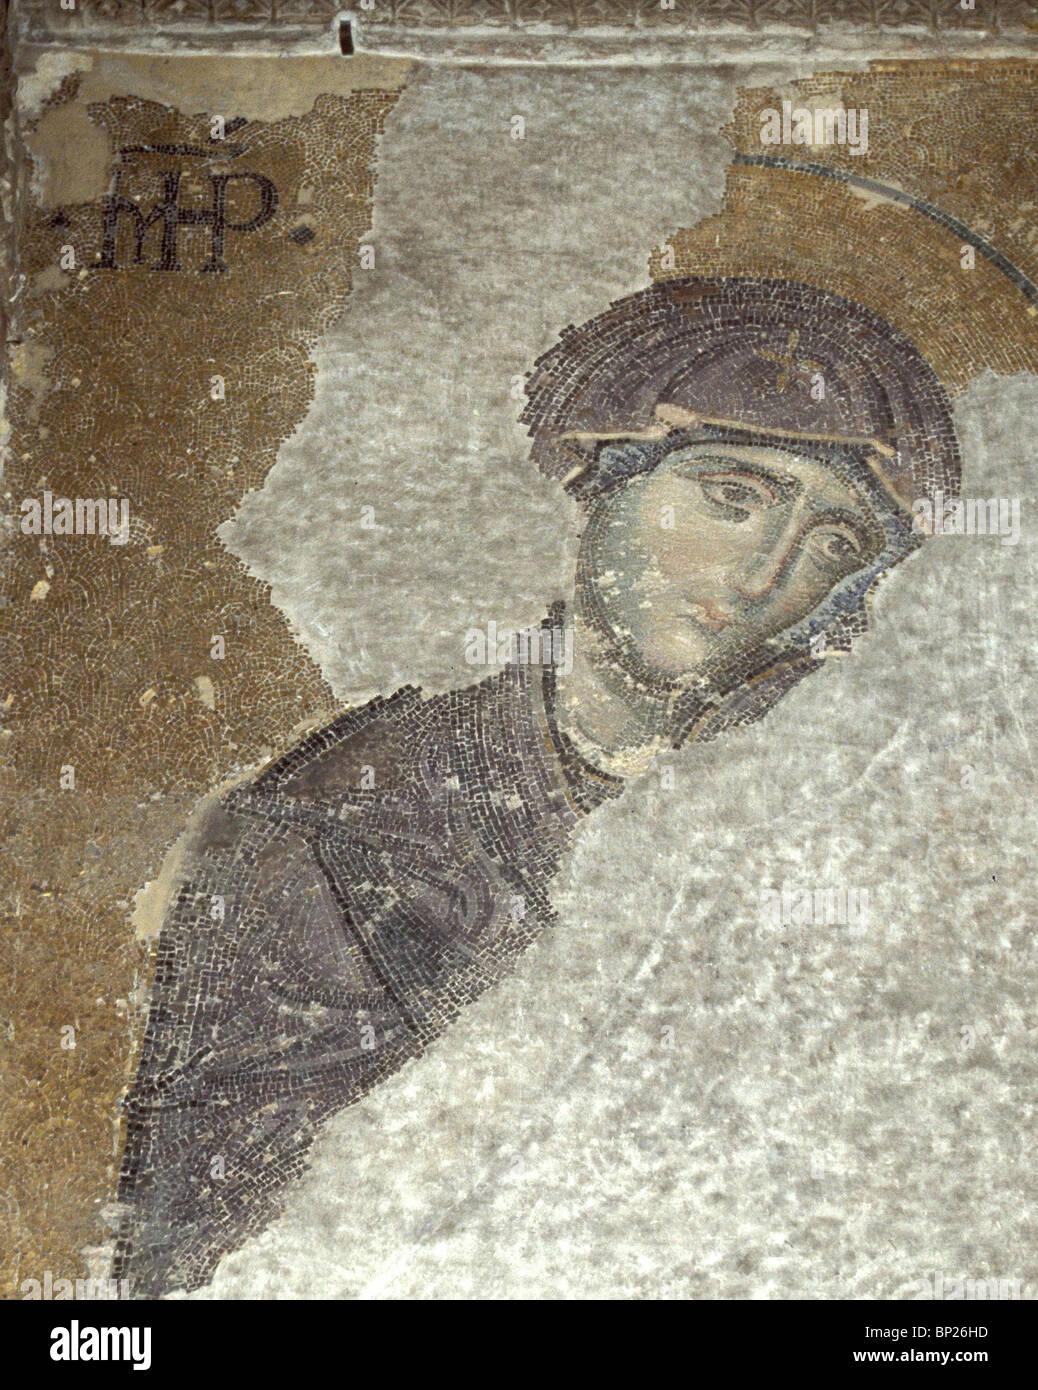 1096. La Virgen María, 9ª. C. mosaico de Hagia Sophia, Estambul Imagen De Stock